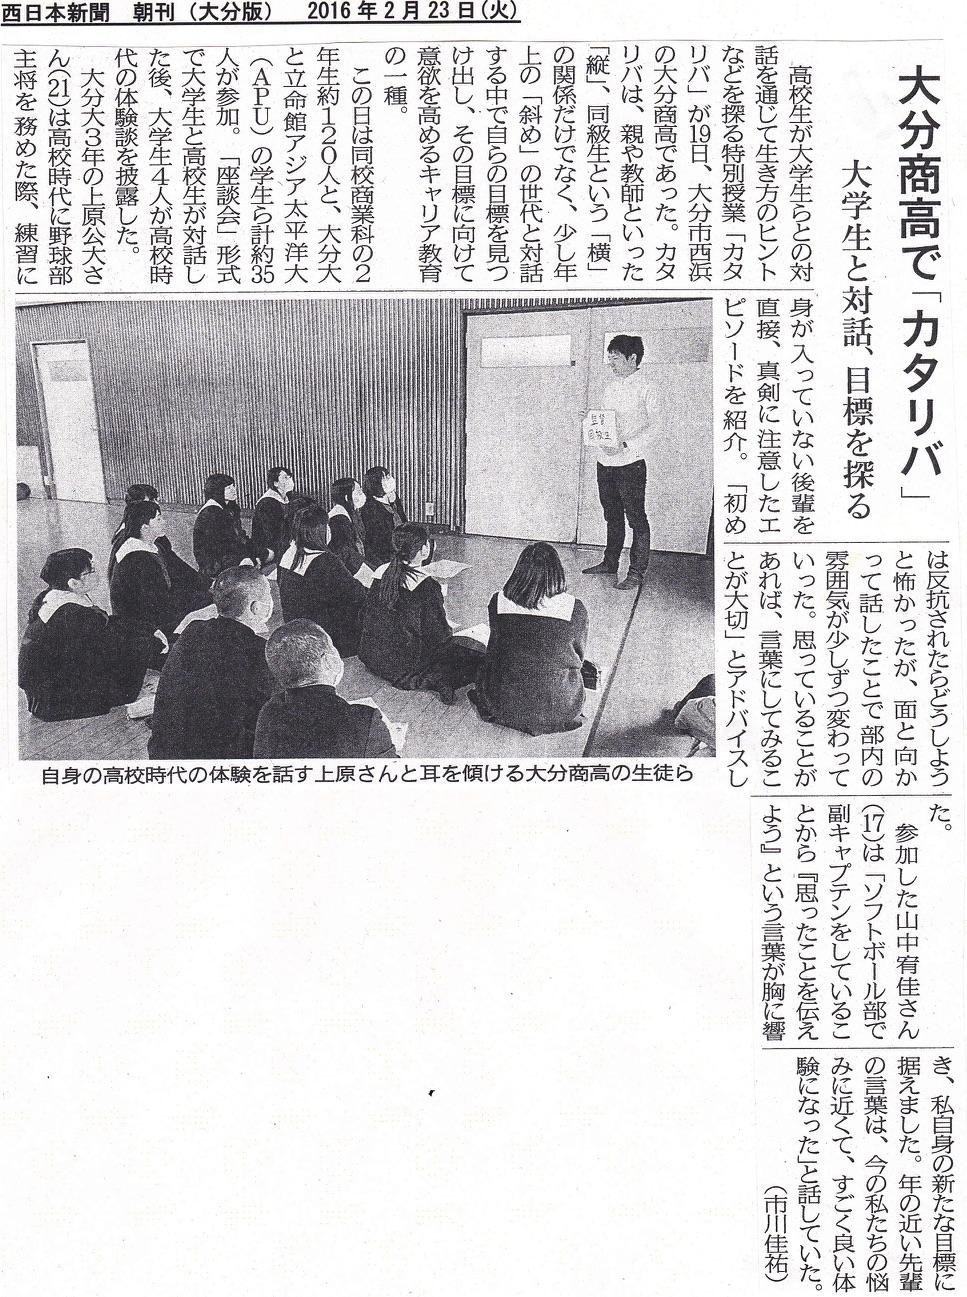 西日本新聞(大分版)2016年2月23日 (1)